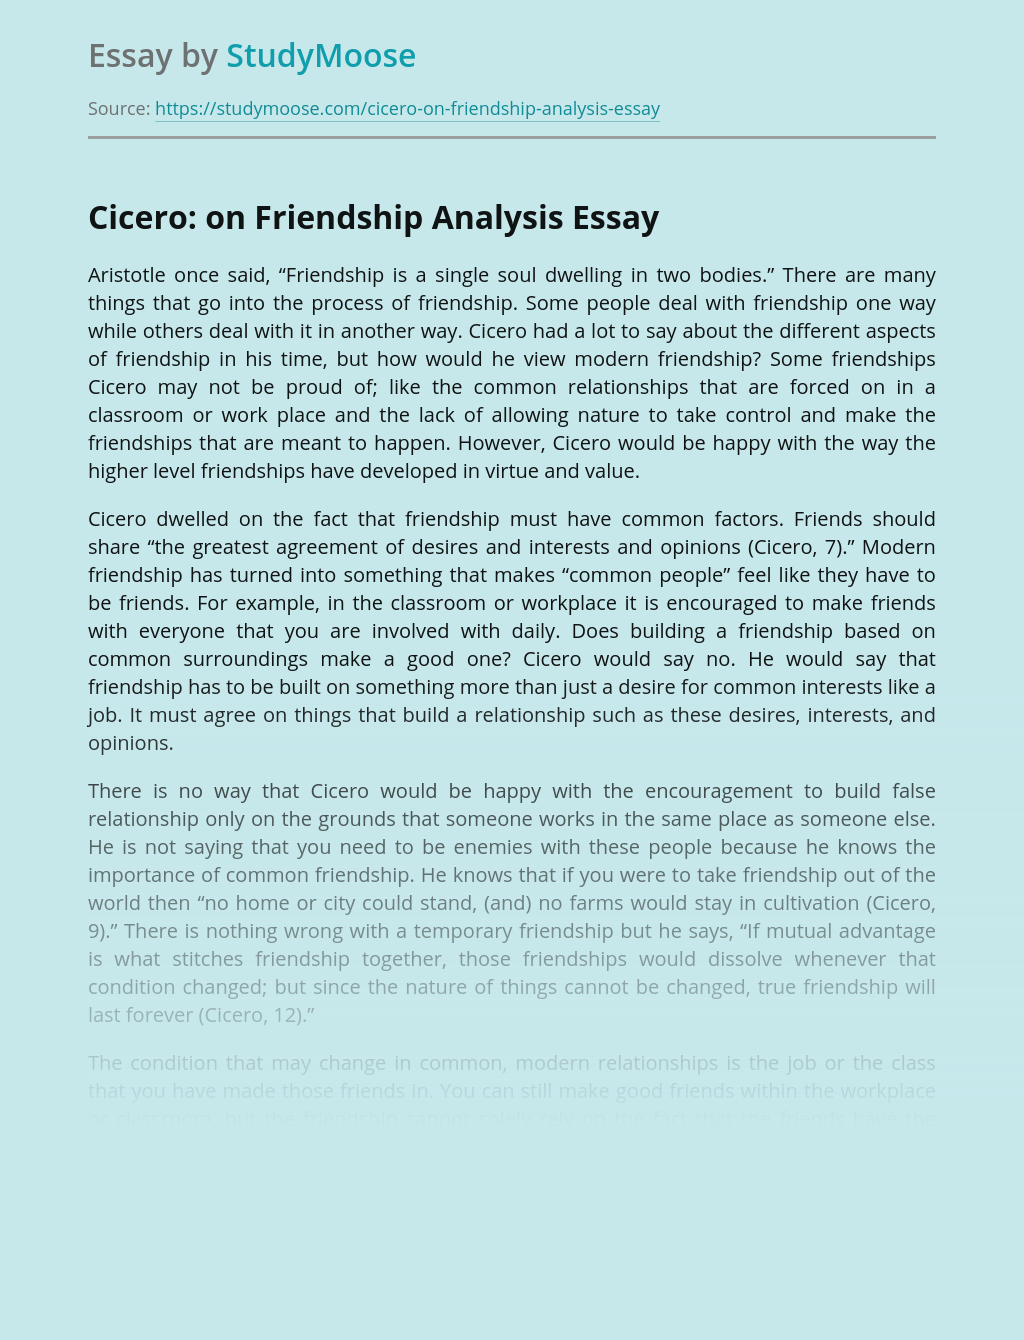 Cicero: on Friendship Analysis